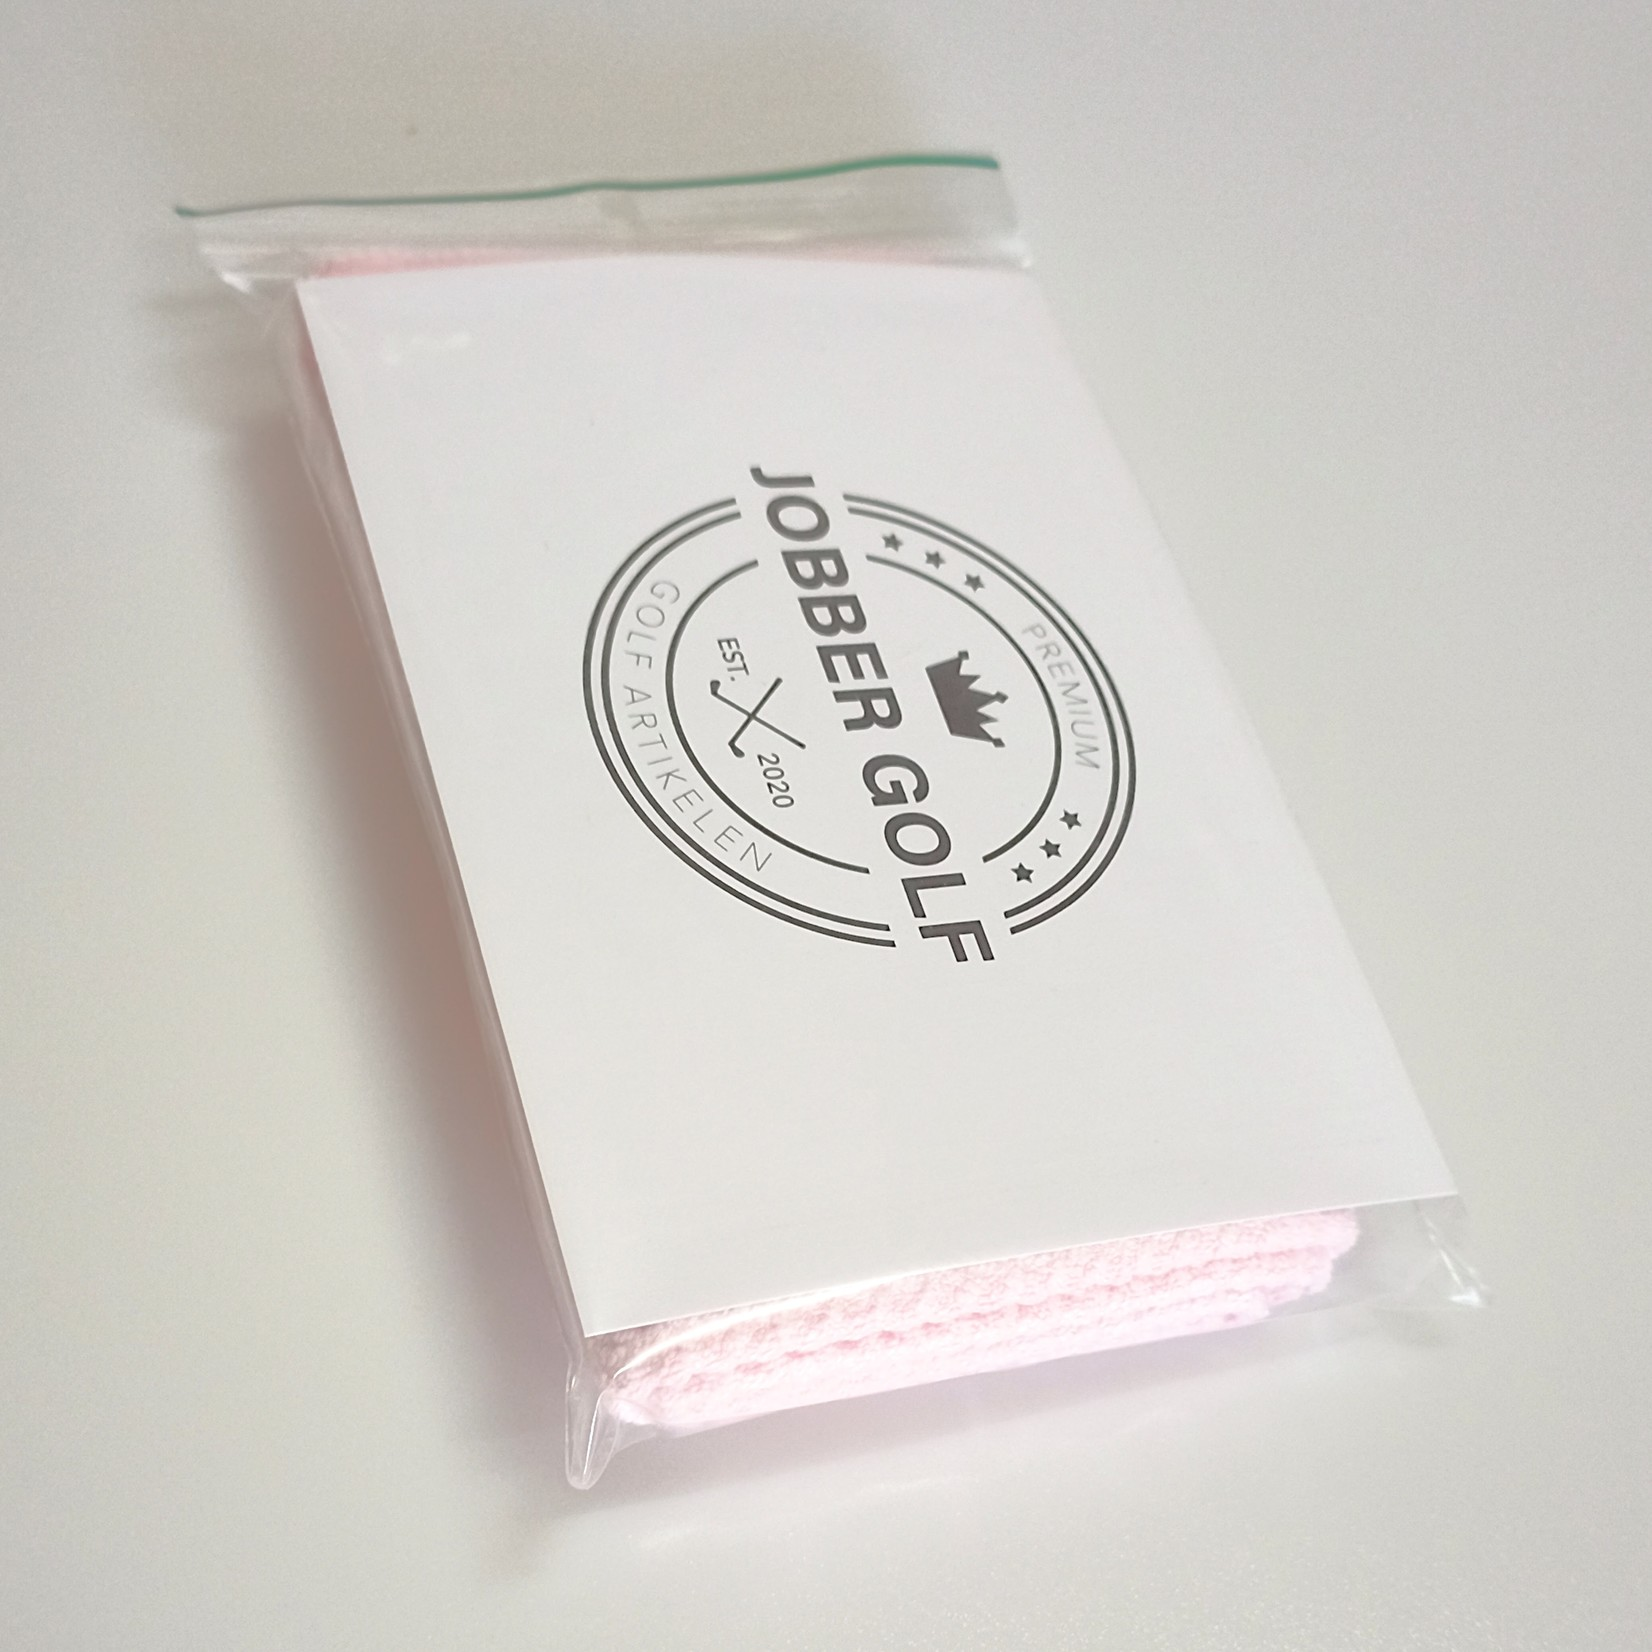 Jobber Golf Jobber Golf – Microfiber golfhanddoek sneldrogend (roze)